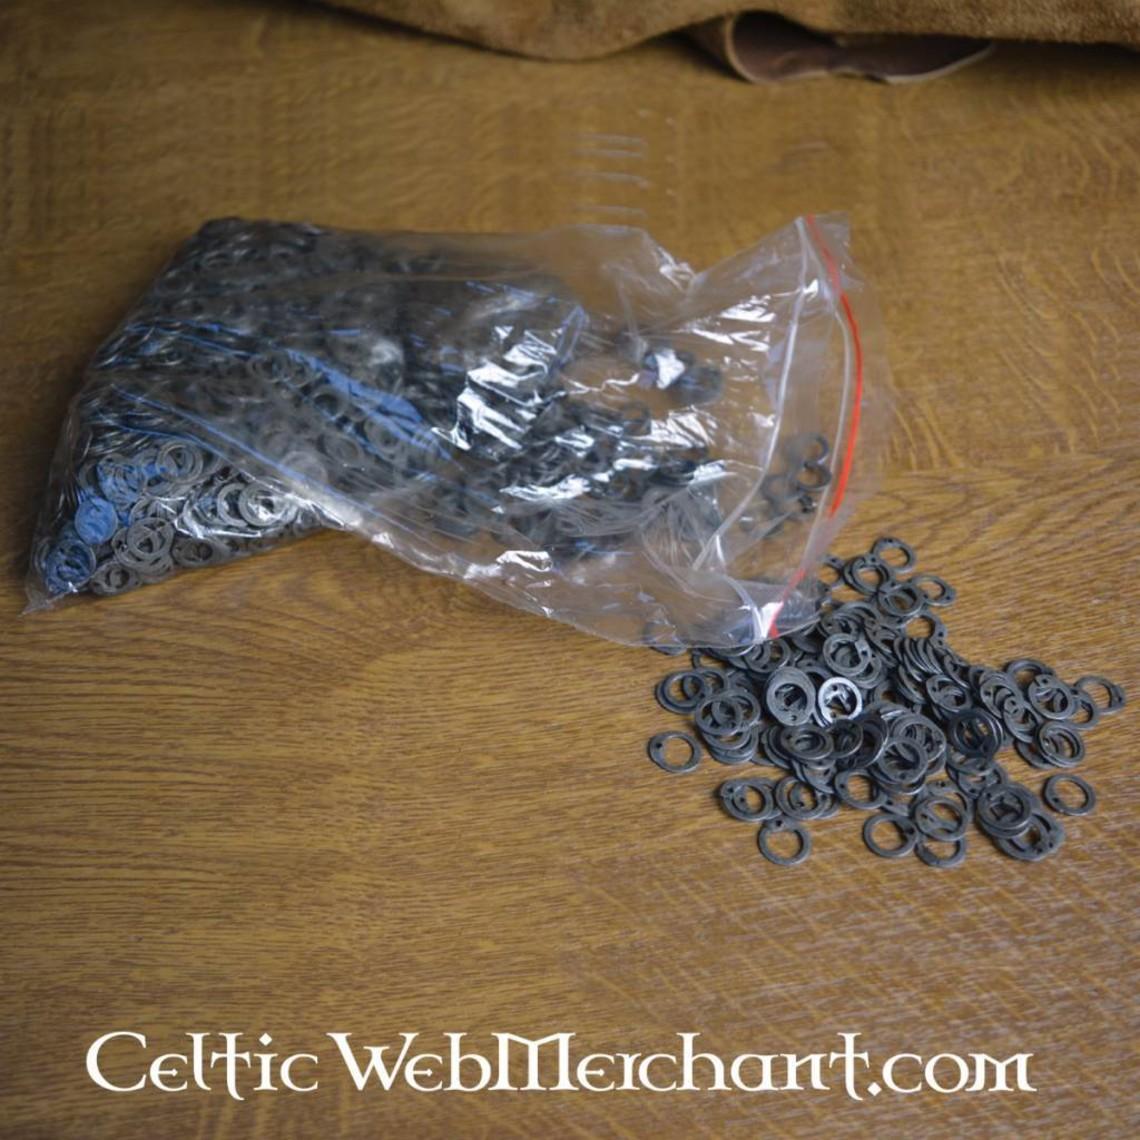 Ulfberth 1 kg di anelli piatti con rivetti rotondi, 8 mm